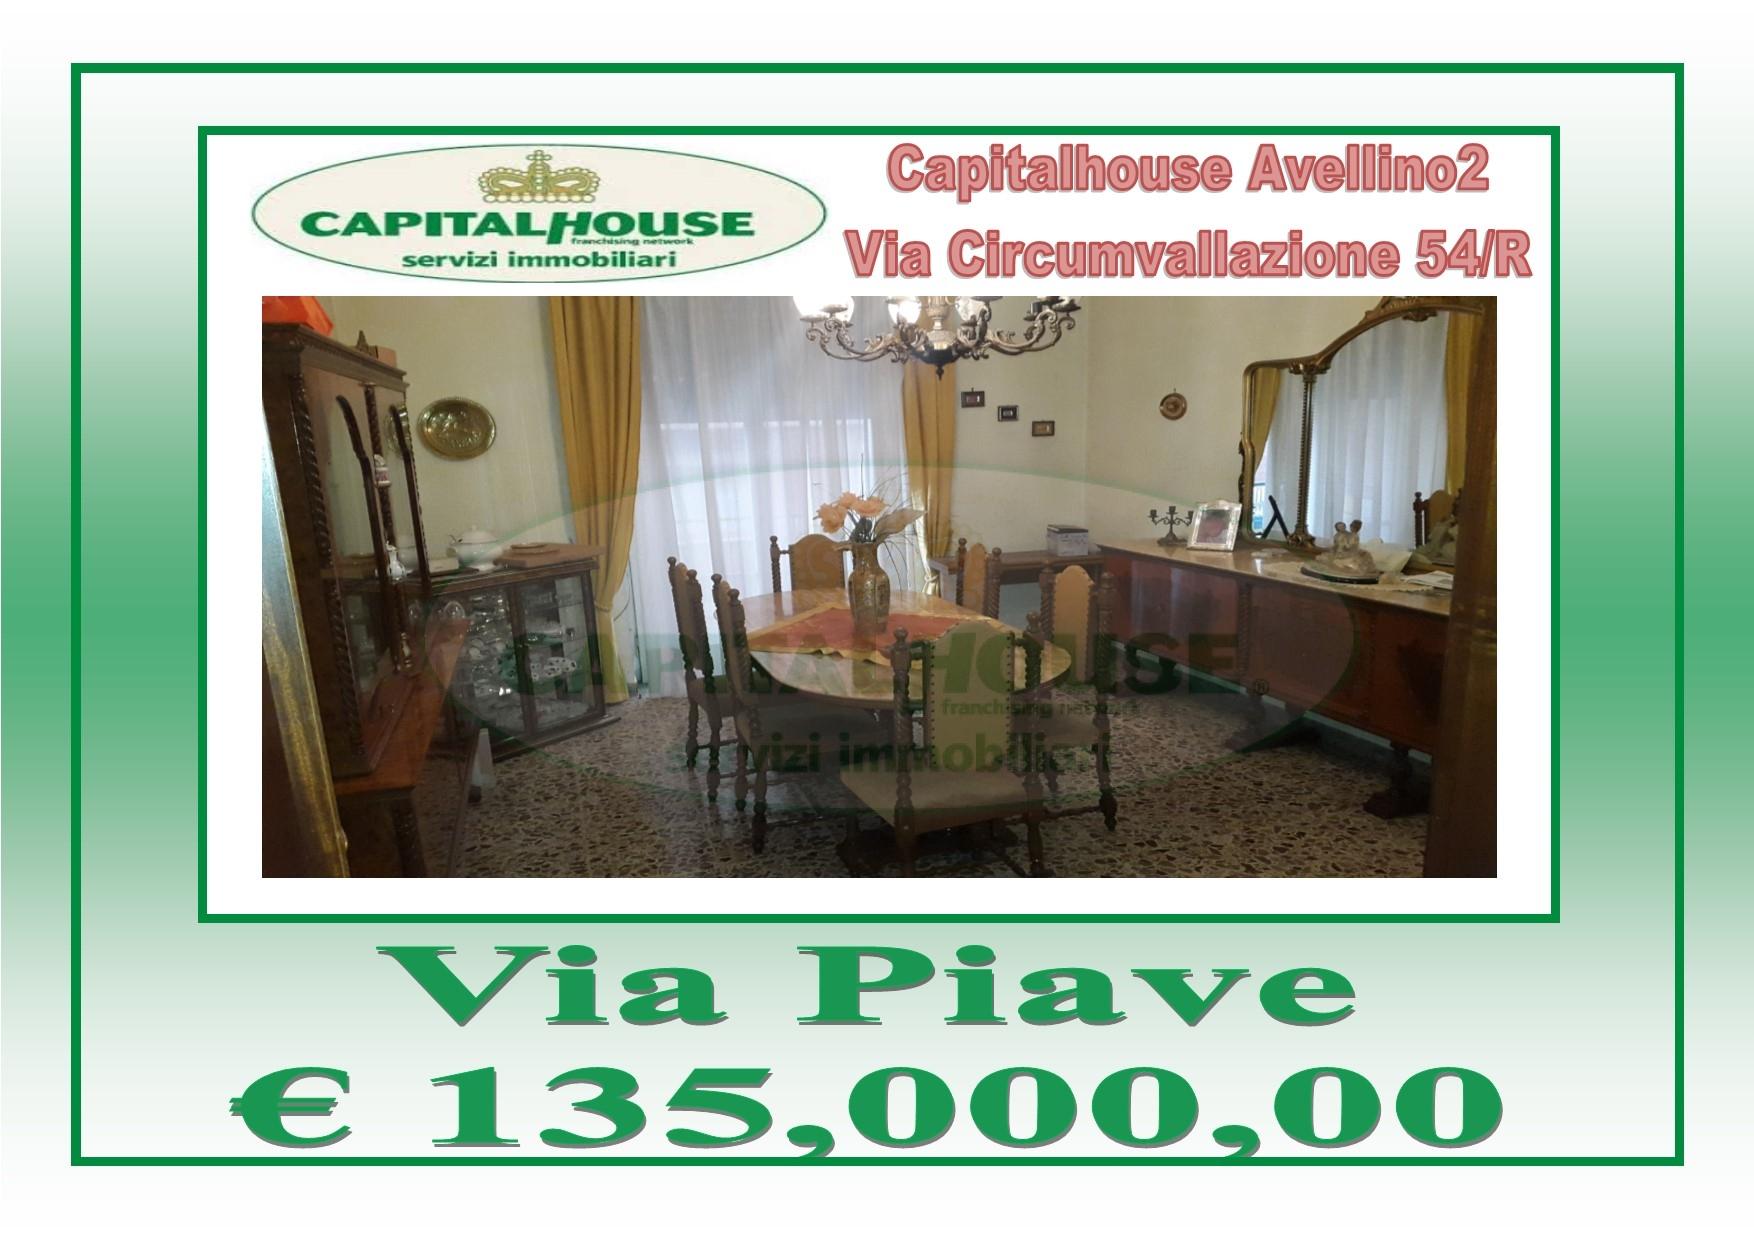 Appartamento in vendita a Avellino, 4 locali, zona Località: ViaPiave, prezzo € 135.000 | CambioCasa.it